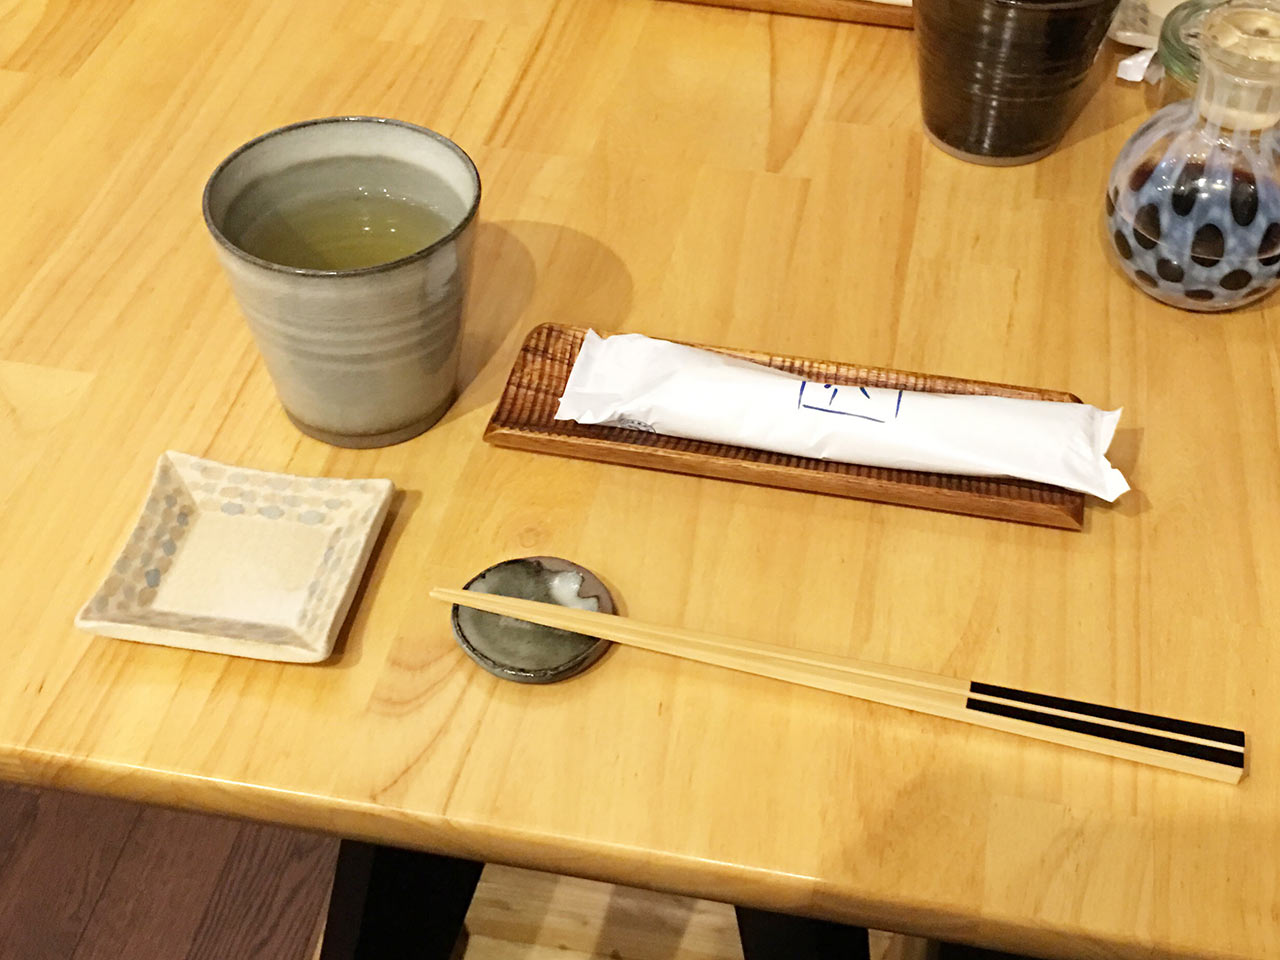 kawasaki-surugayakahei-table